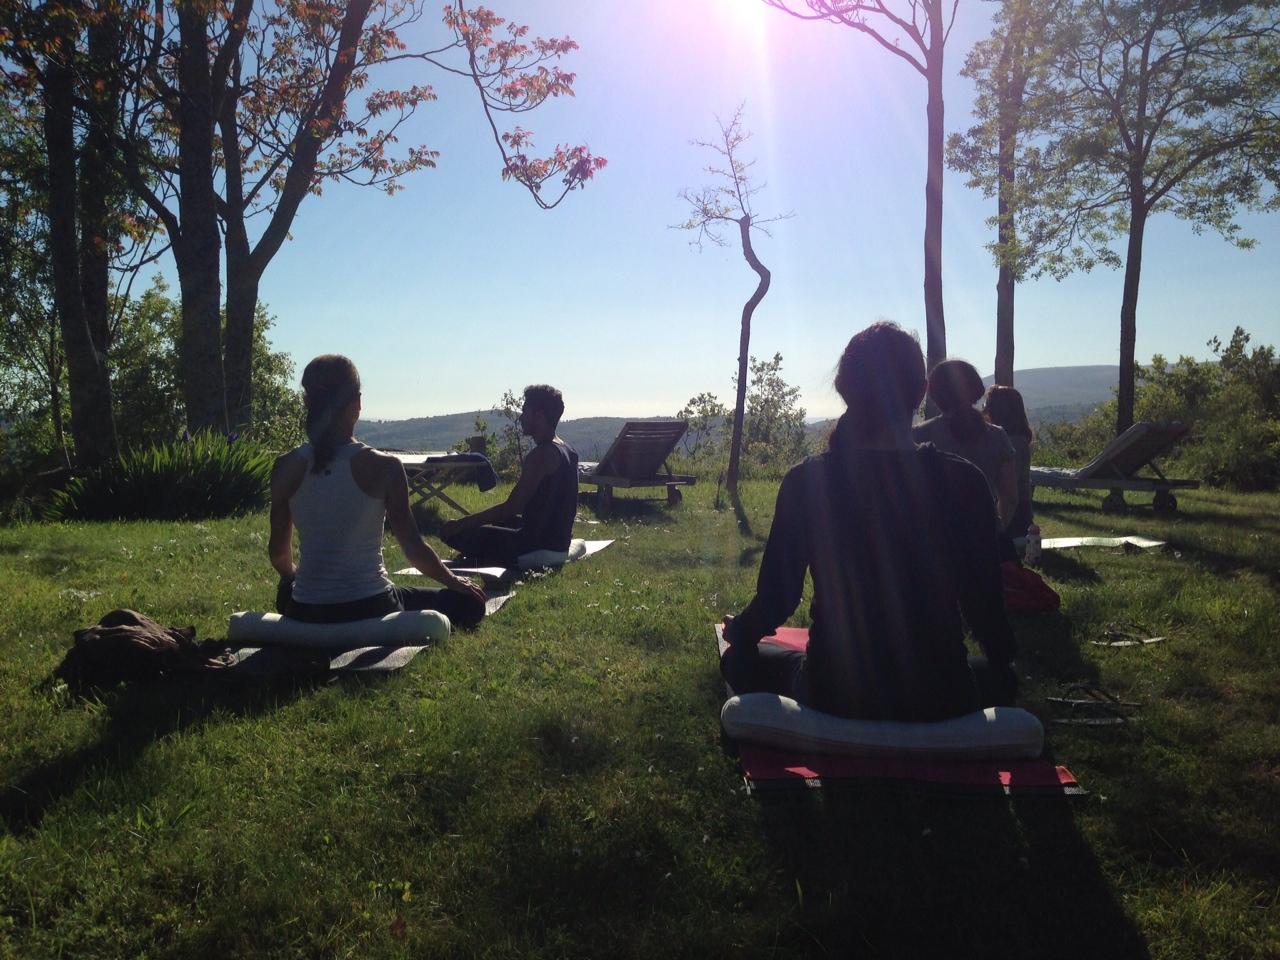 2013-07-09-yogaoutside.JPG